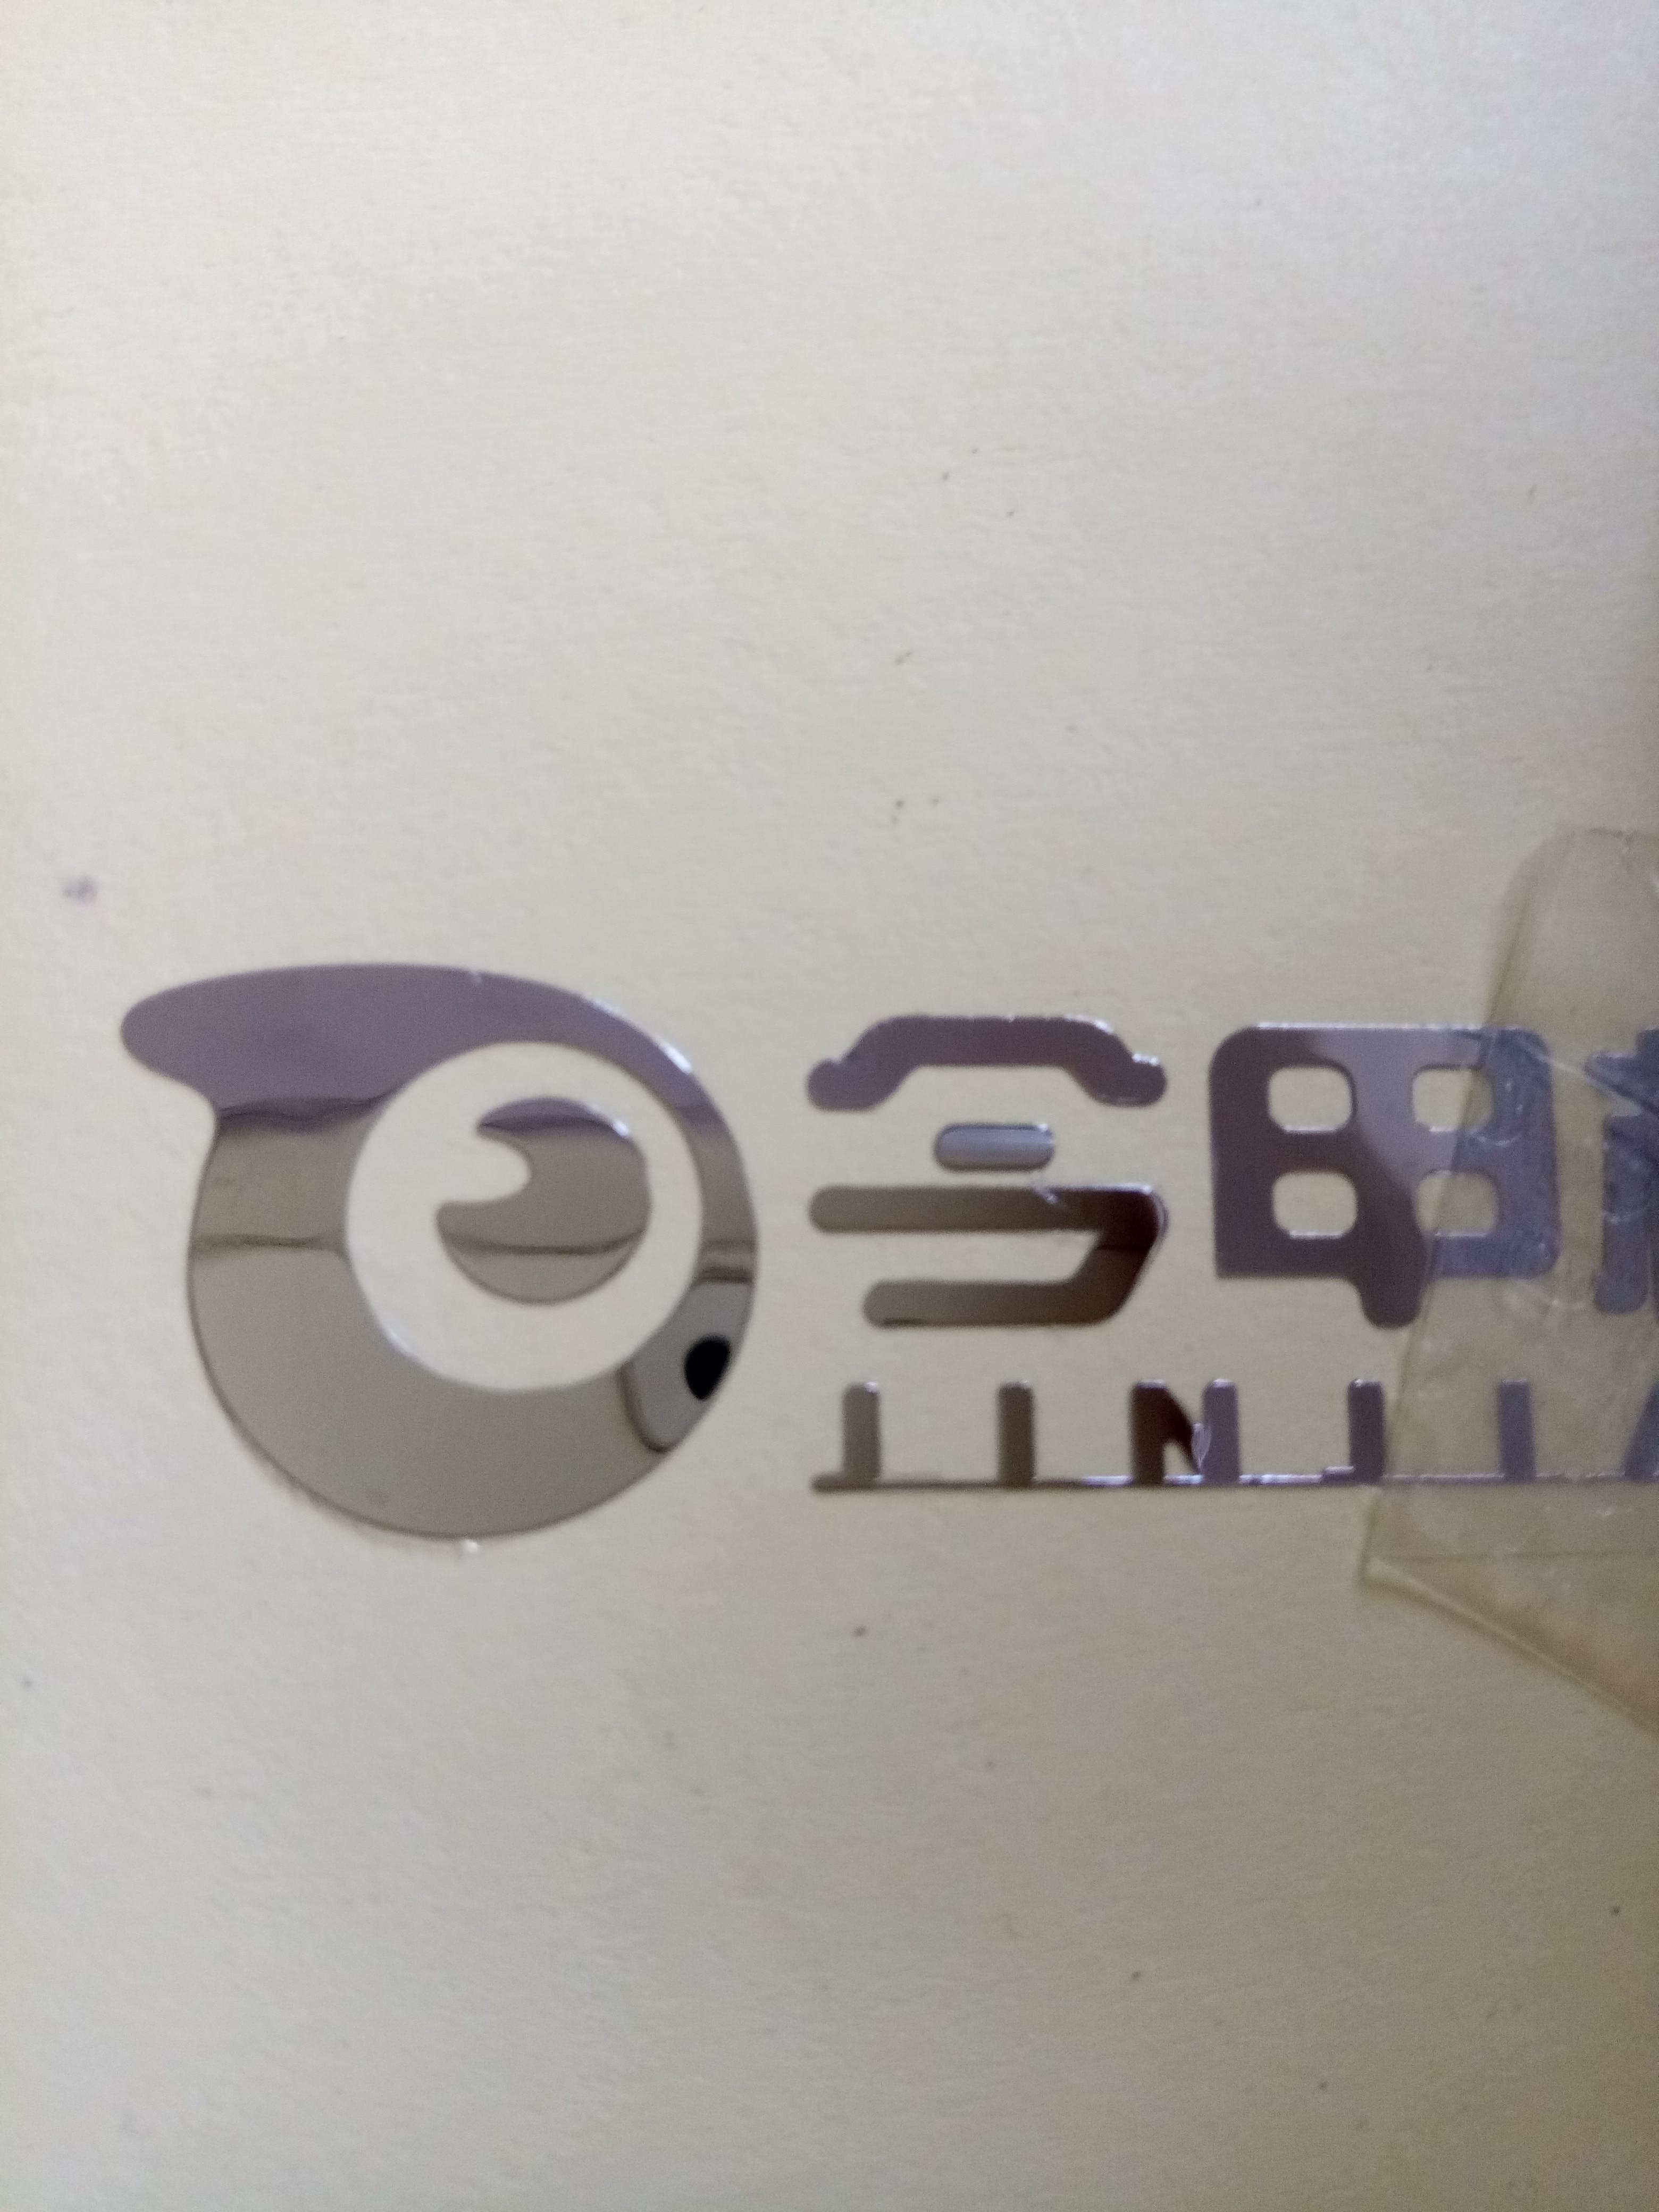 6x3 سنتيمتر الفضة النيكل المعادن ملصقا-في ملصقات مكتبية من لوازم المكتب واللوازم المدرسية على  مجموعة 1